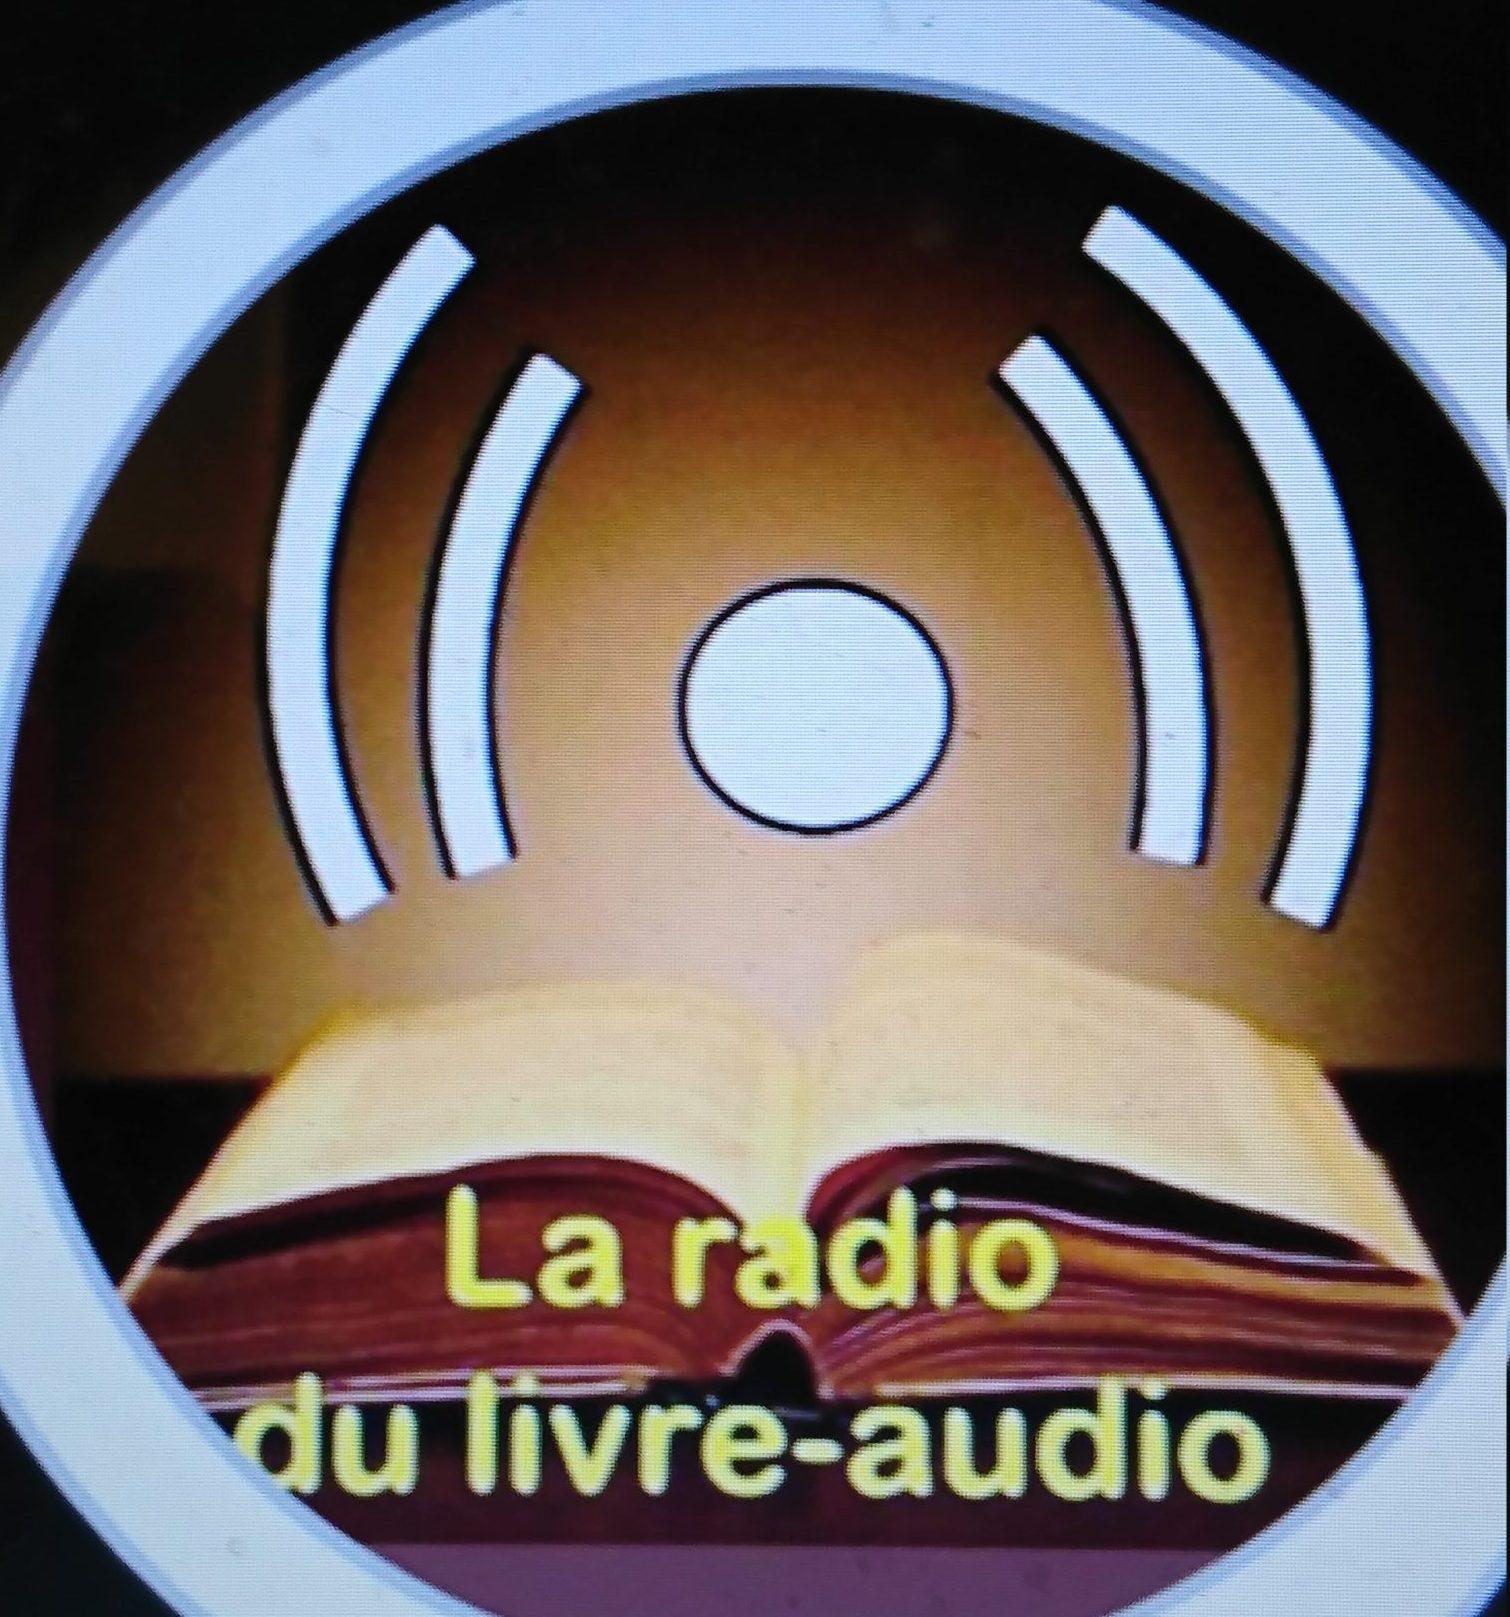 La Radio du Livre Audio: La radio de l'avenir